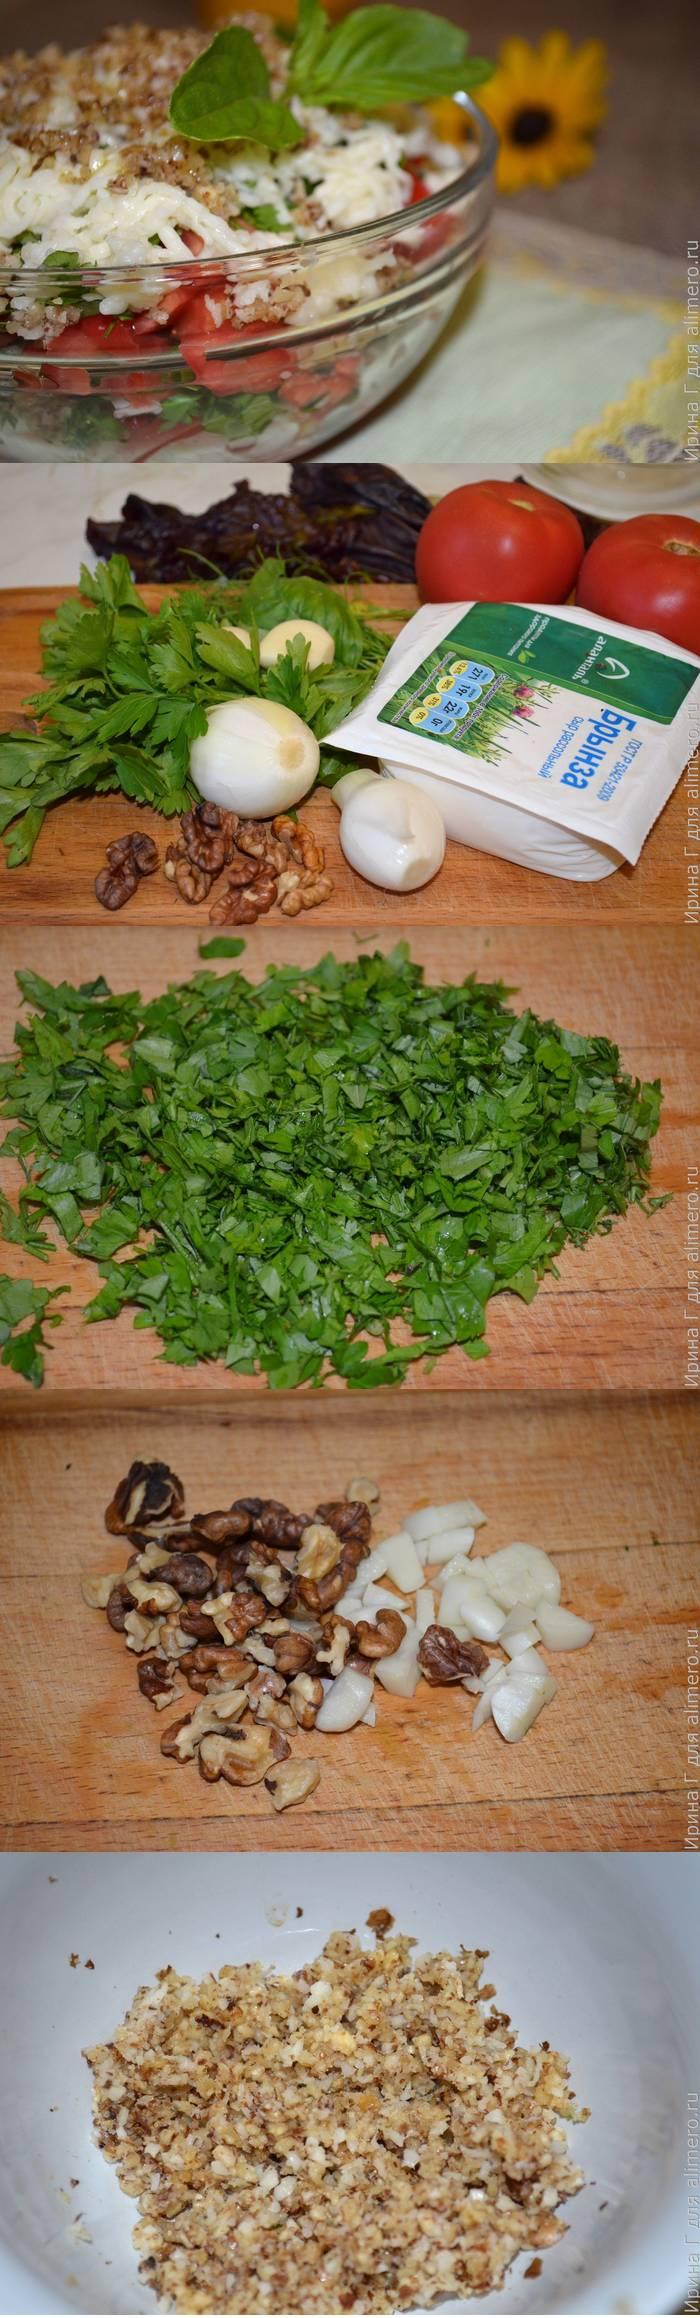 Помидорный салат с ореховой пастой и брынзой